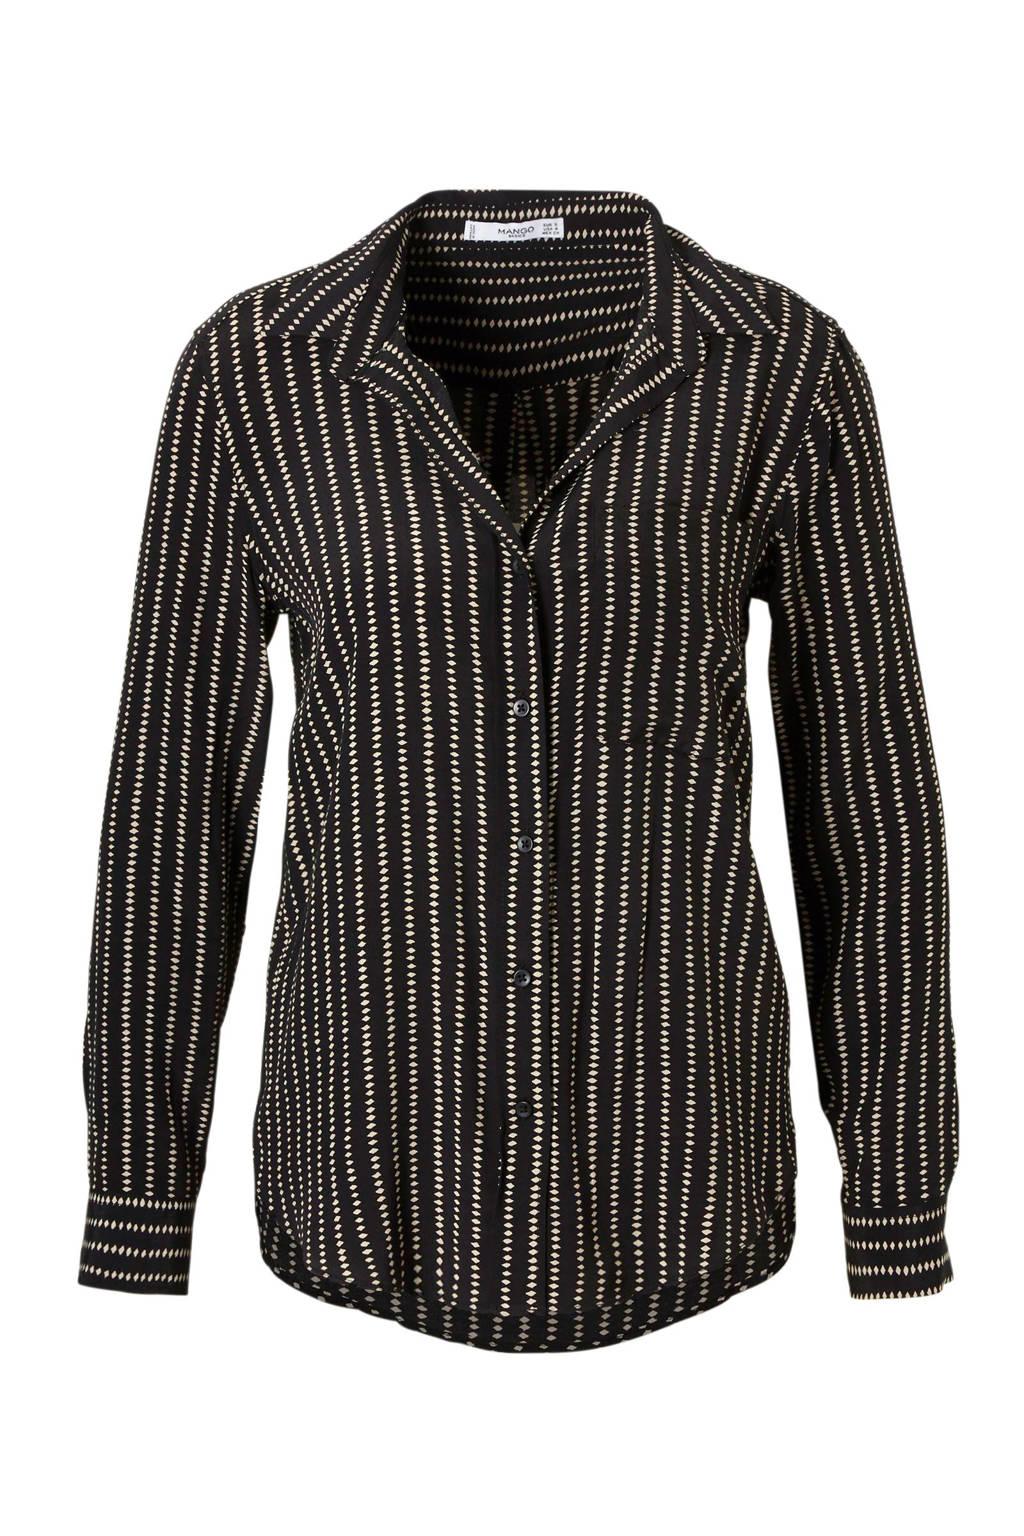 Mango blouse met print, Zwart/wit